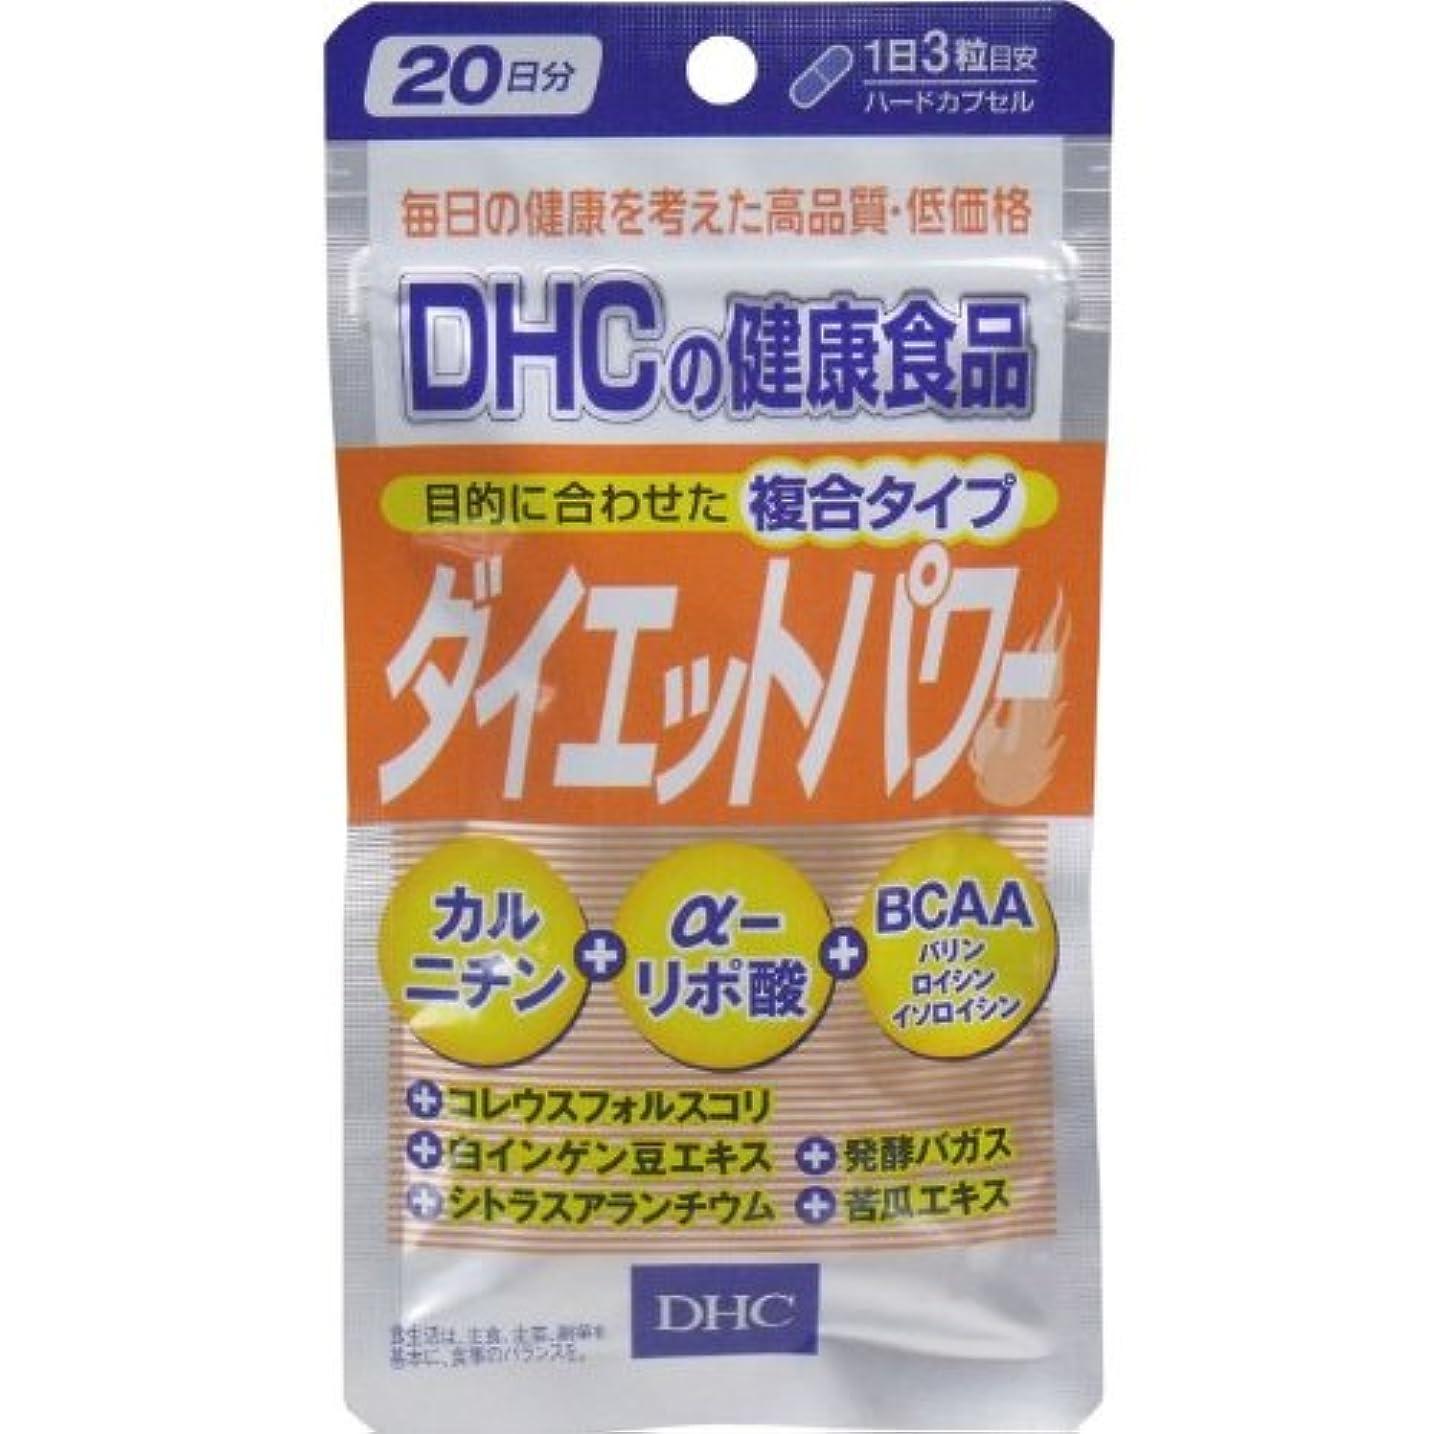 小説家豊かな最小化するDHC ダイエットパワー 60粒入 20日分【2個セット】